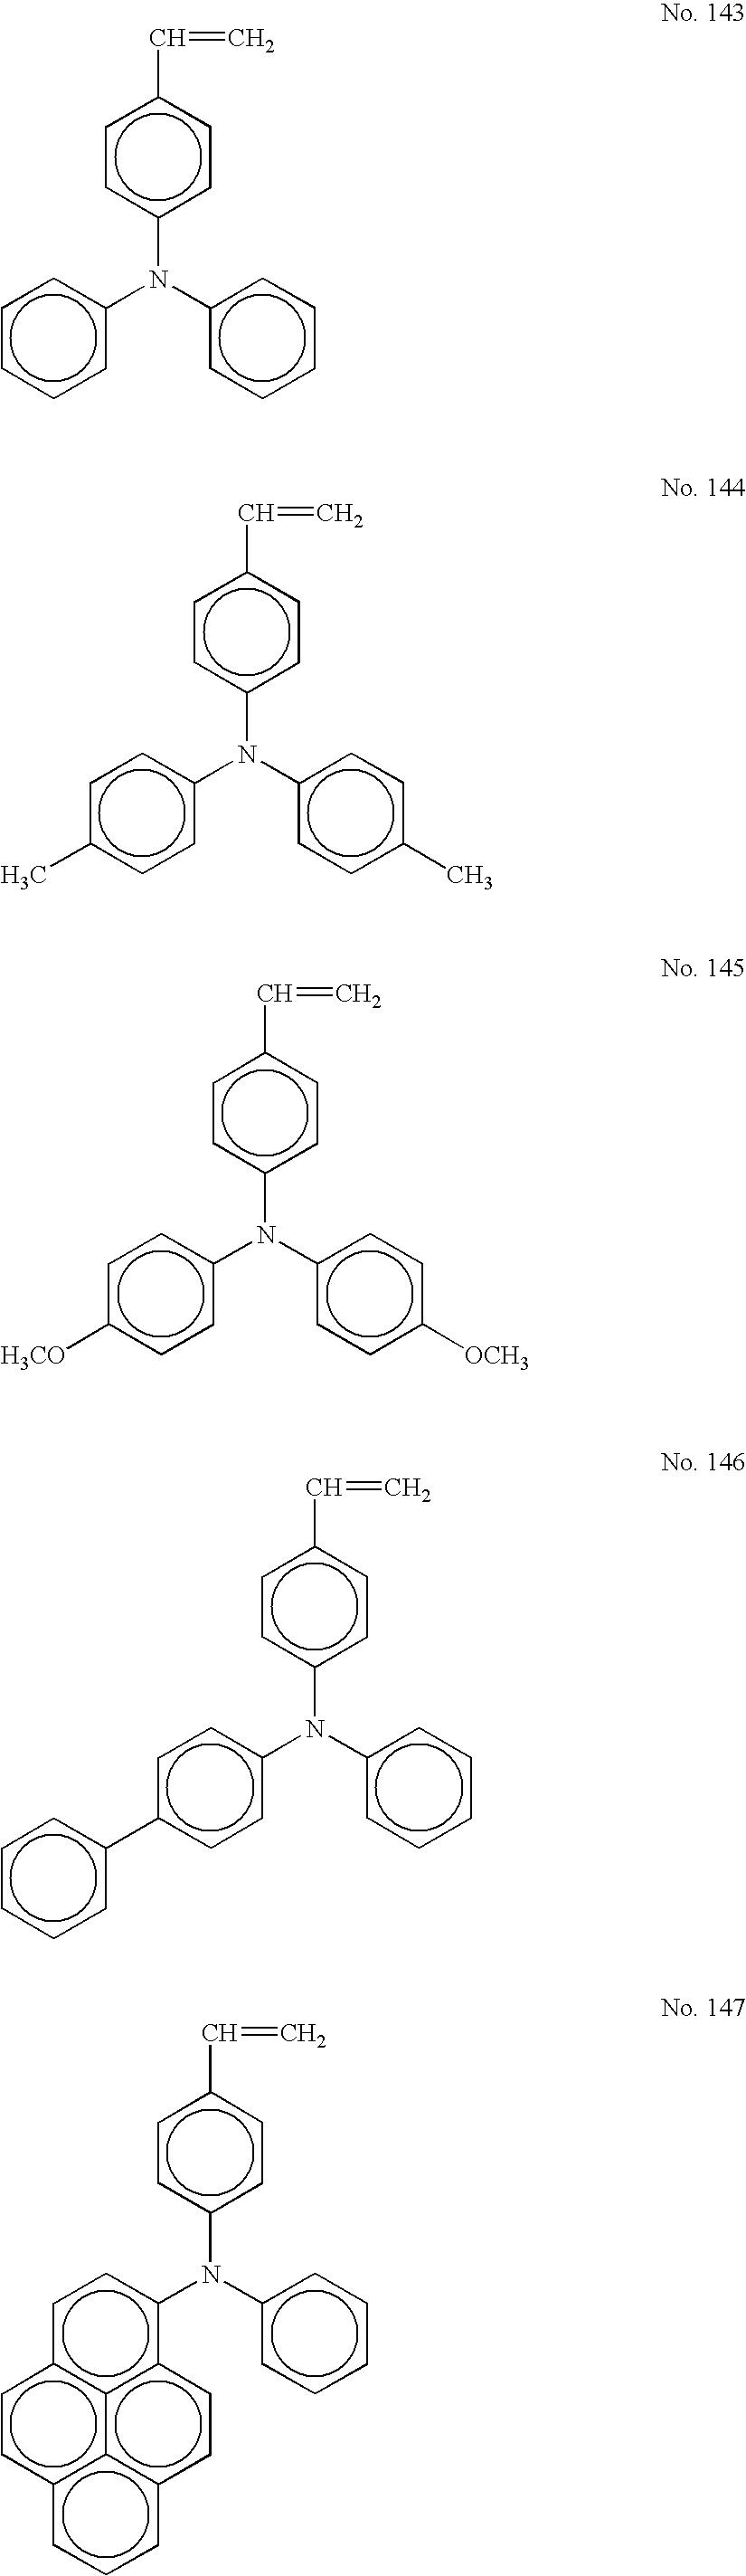 Figure US20060177749A1-20060810-C00068